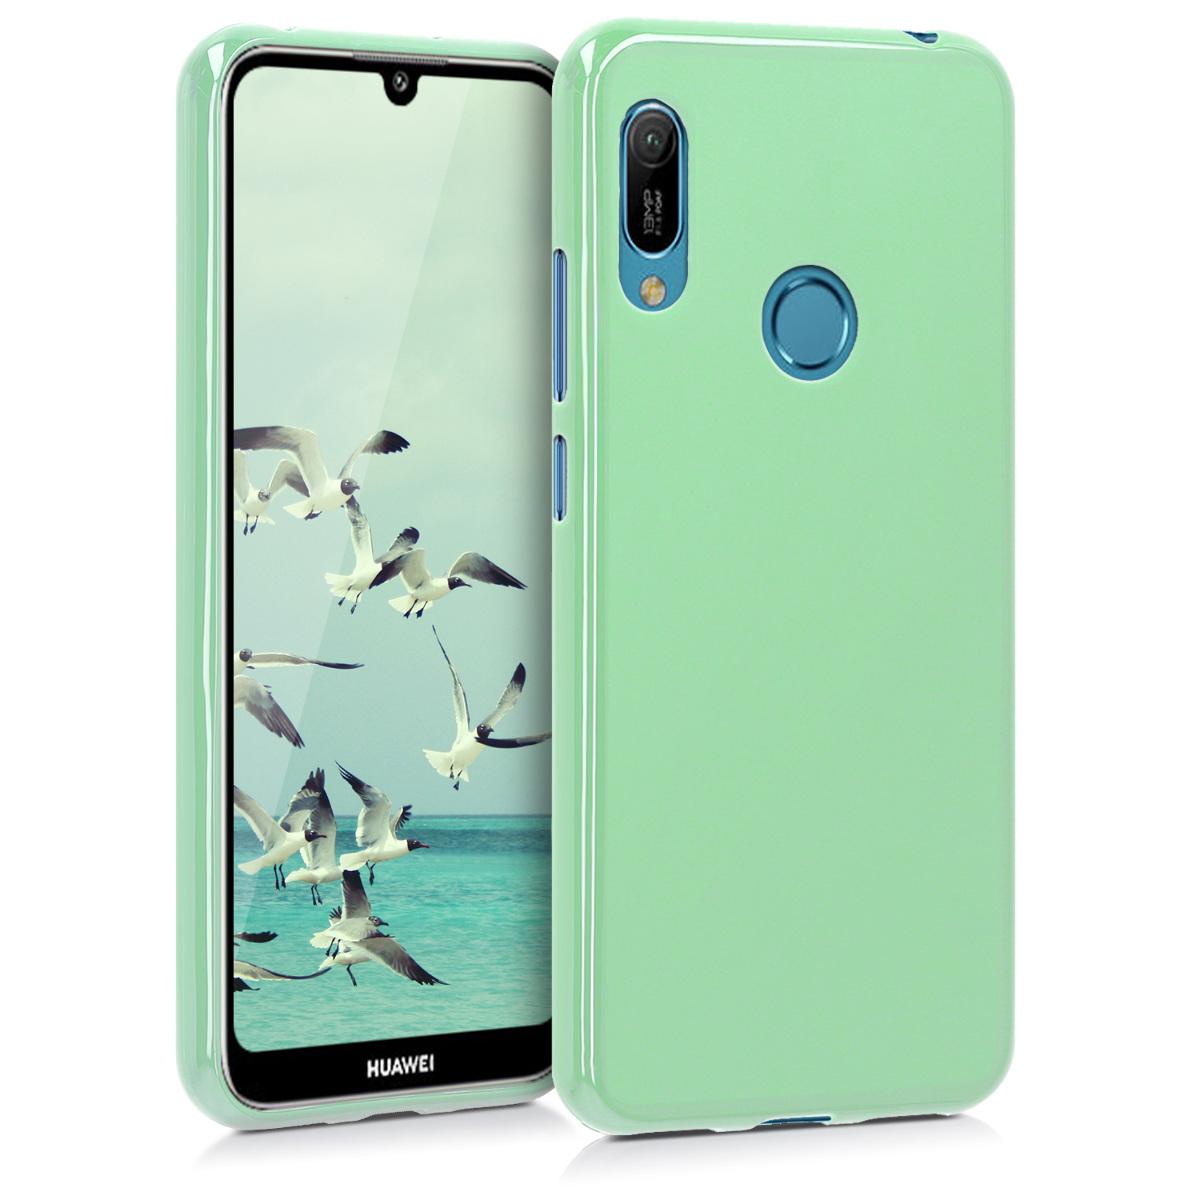 KW Θήκη Σιλικόνης Huawei Y6 2019 - Mint Matte (48122.50)